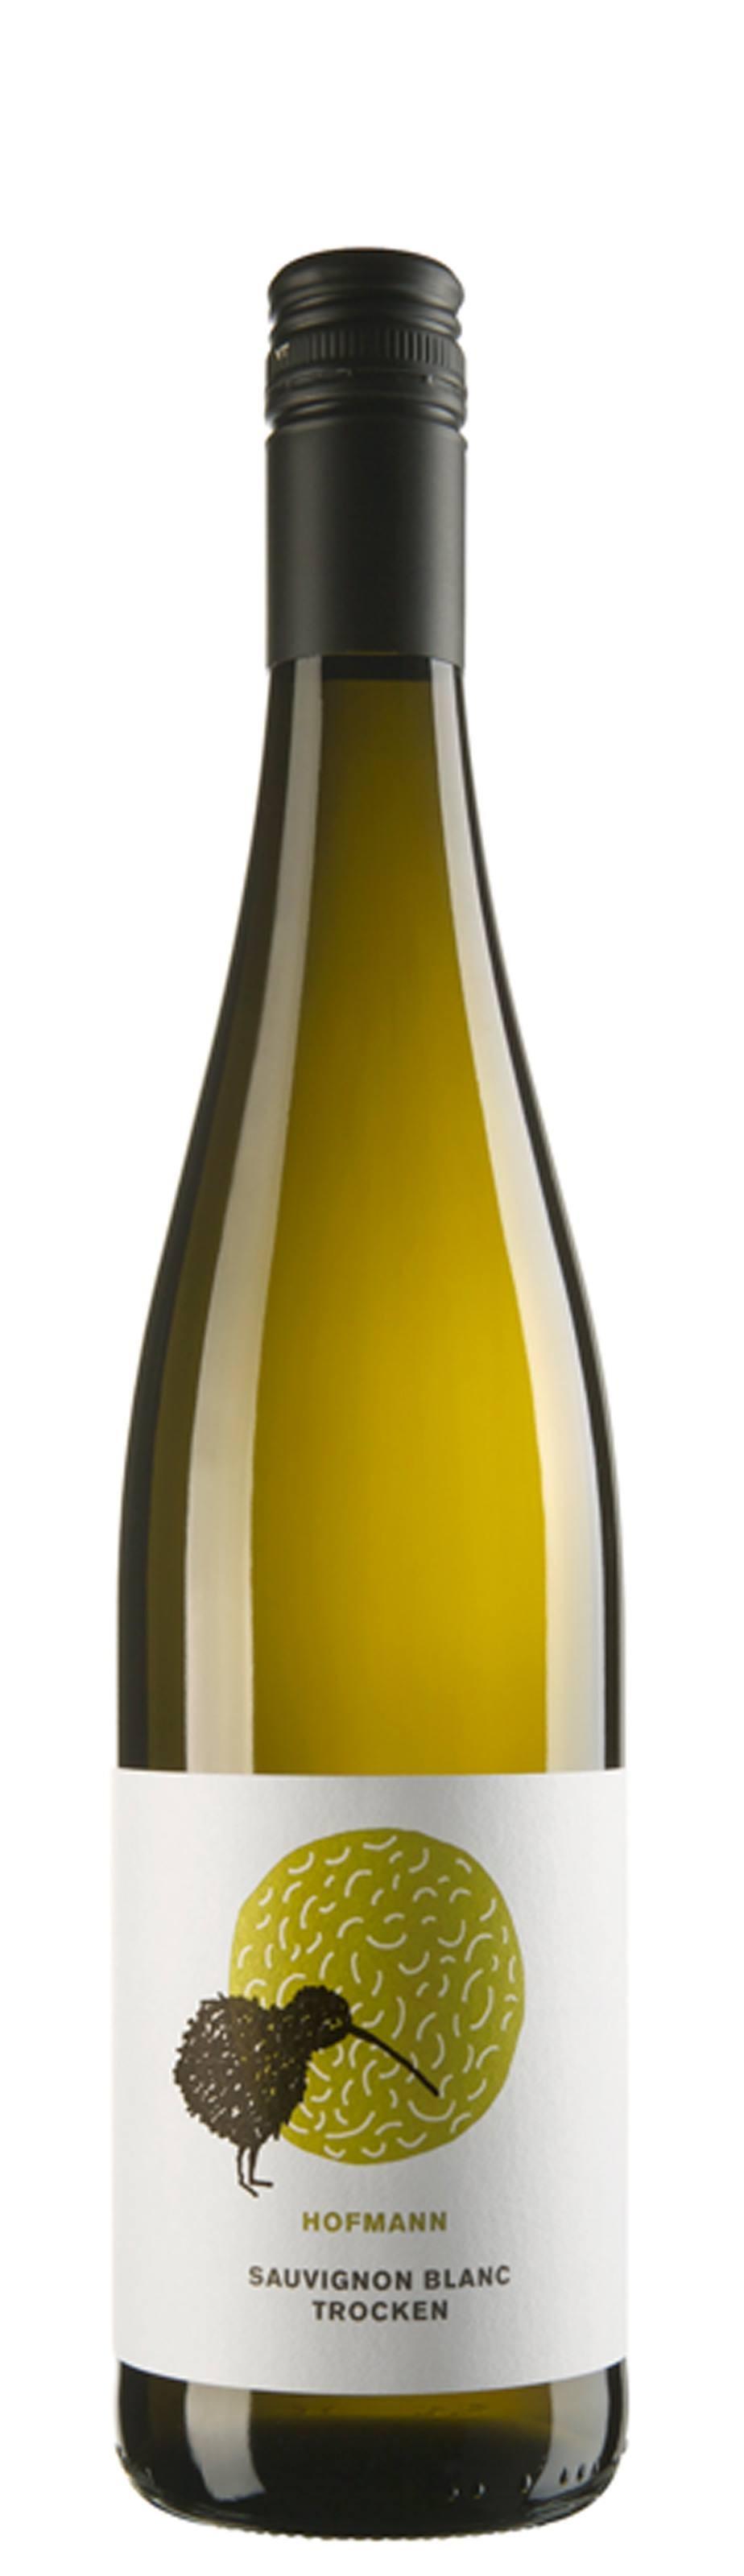 Hofmann Sauvignon Blanc 2020 Trocken 0 75l Online Kaufen Bestellen Bei Weine De